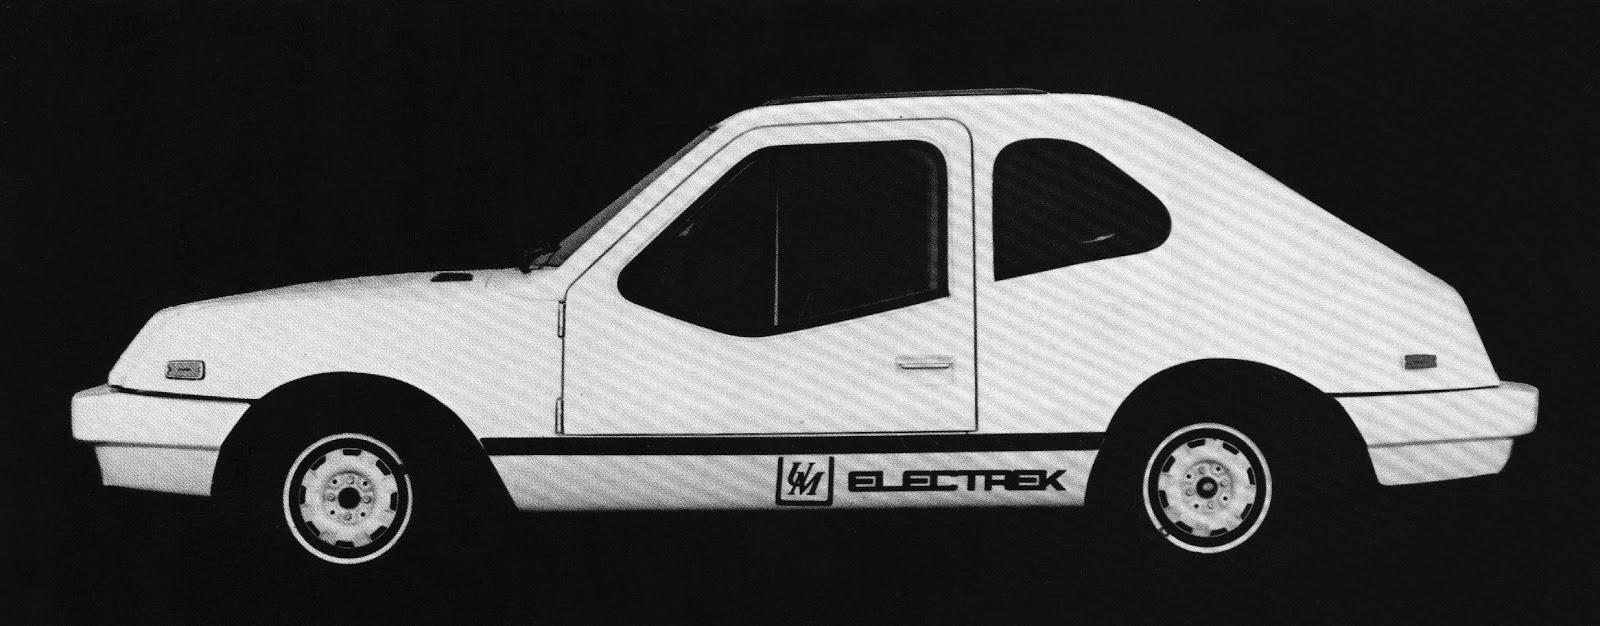 Frederick Motor Company >> 1980 UM Electrek Electric Car   PrimierAuto